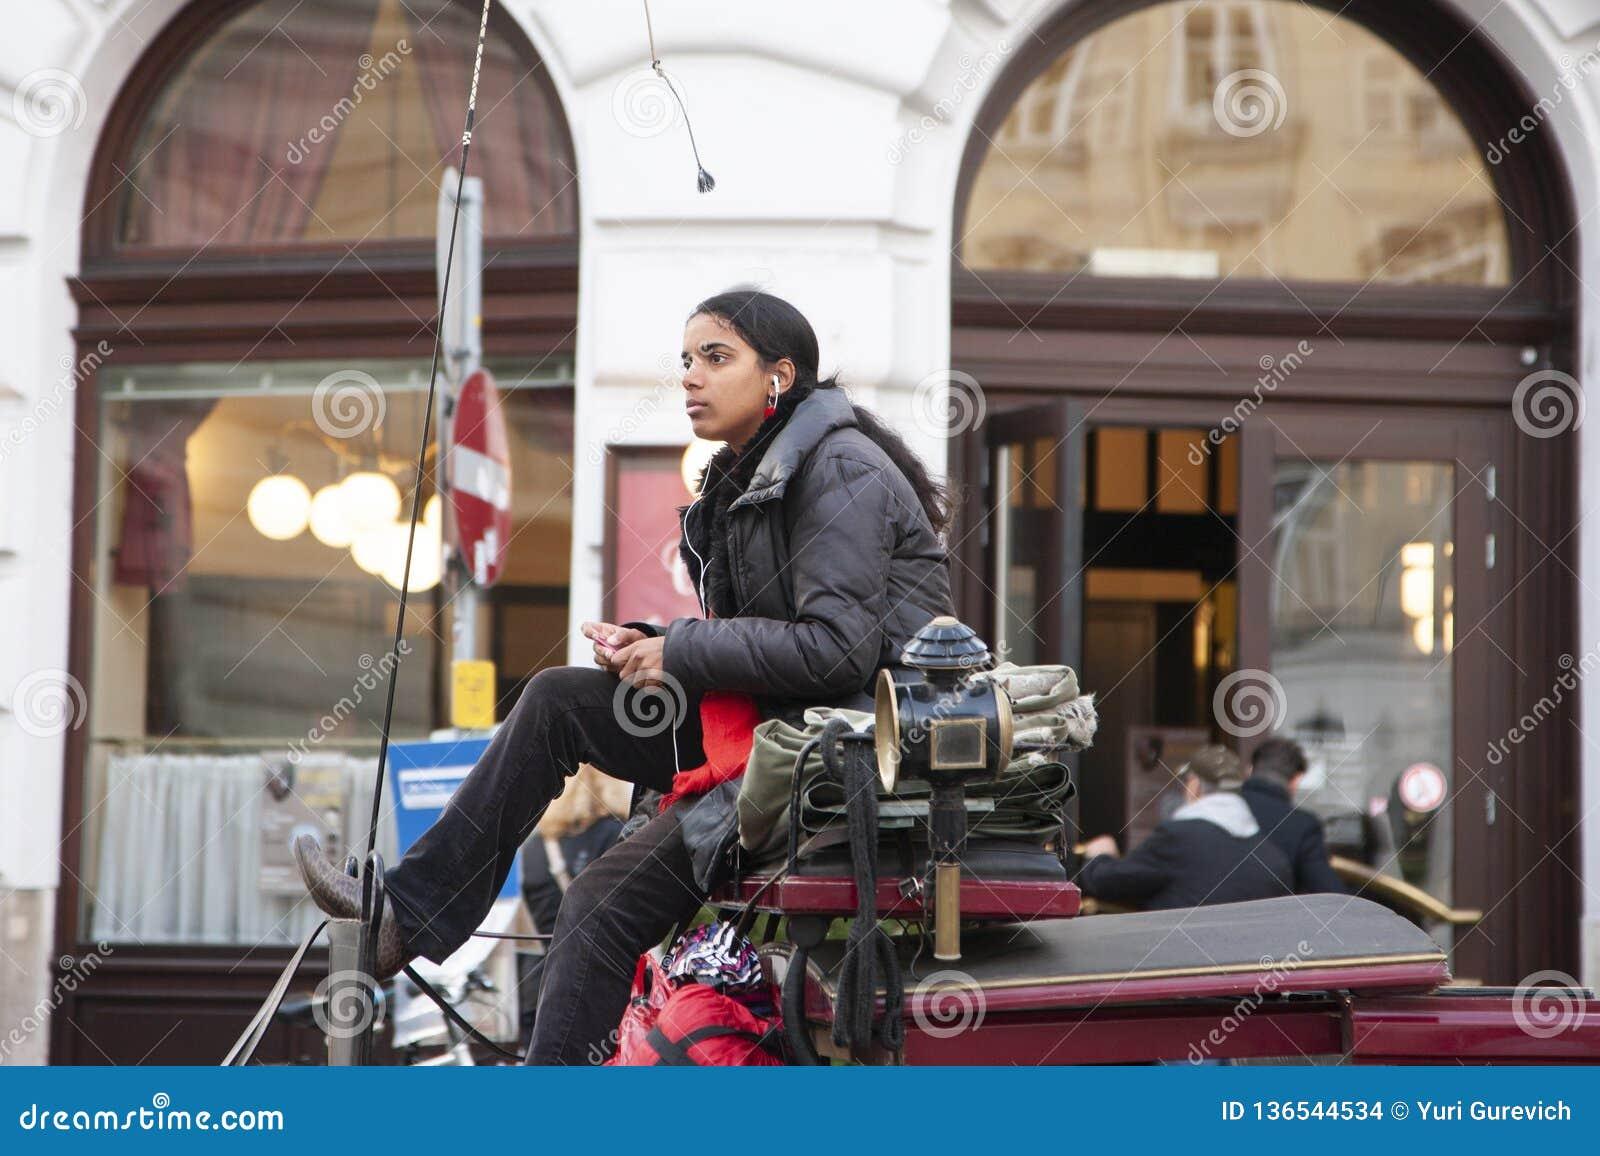 Roma, Italia, el 15 de octubre de 2011: La muchacha asiática hermosa controla un carro traído por caballo